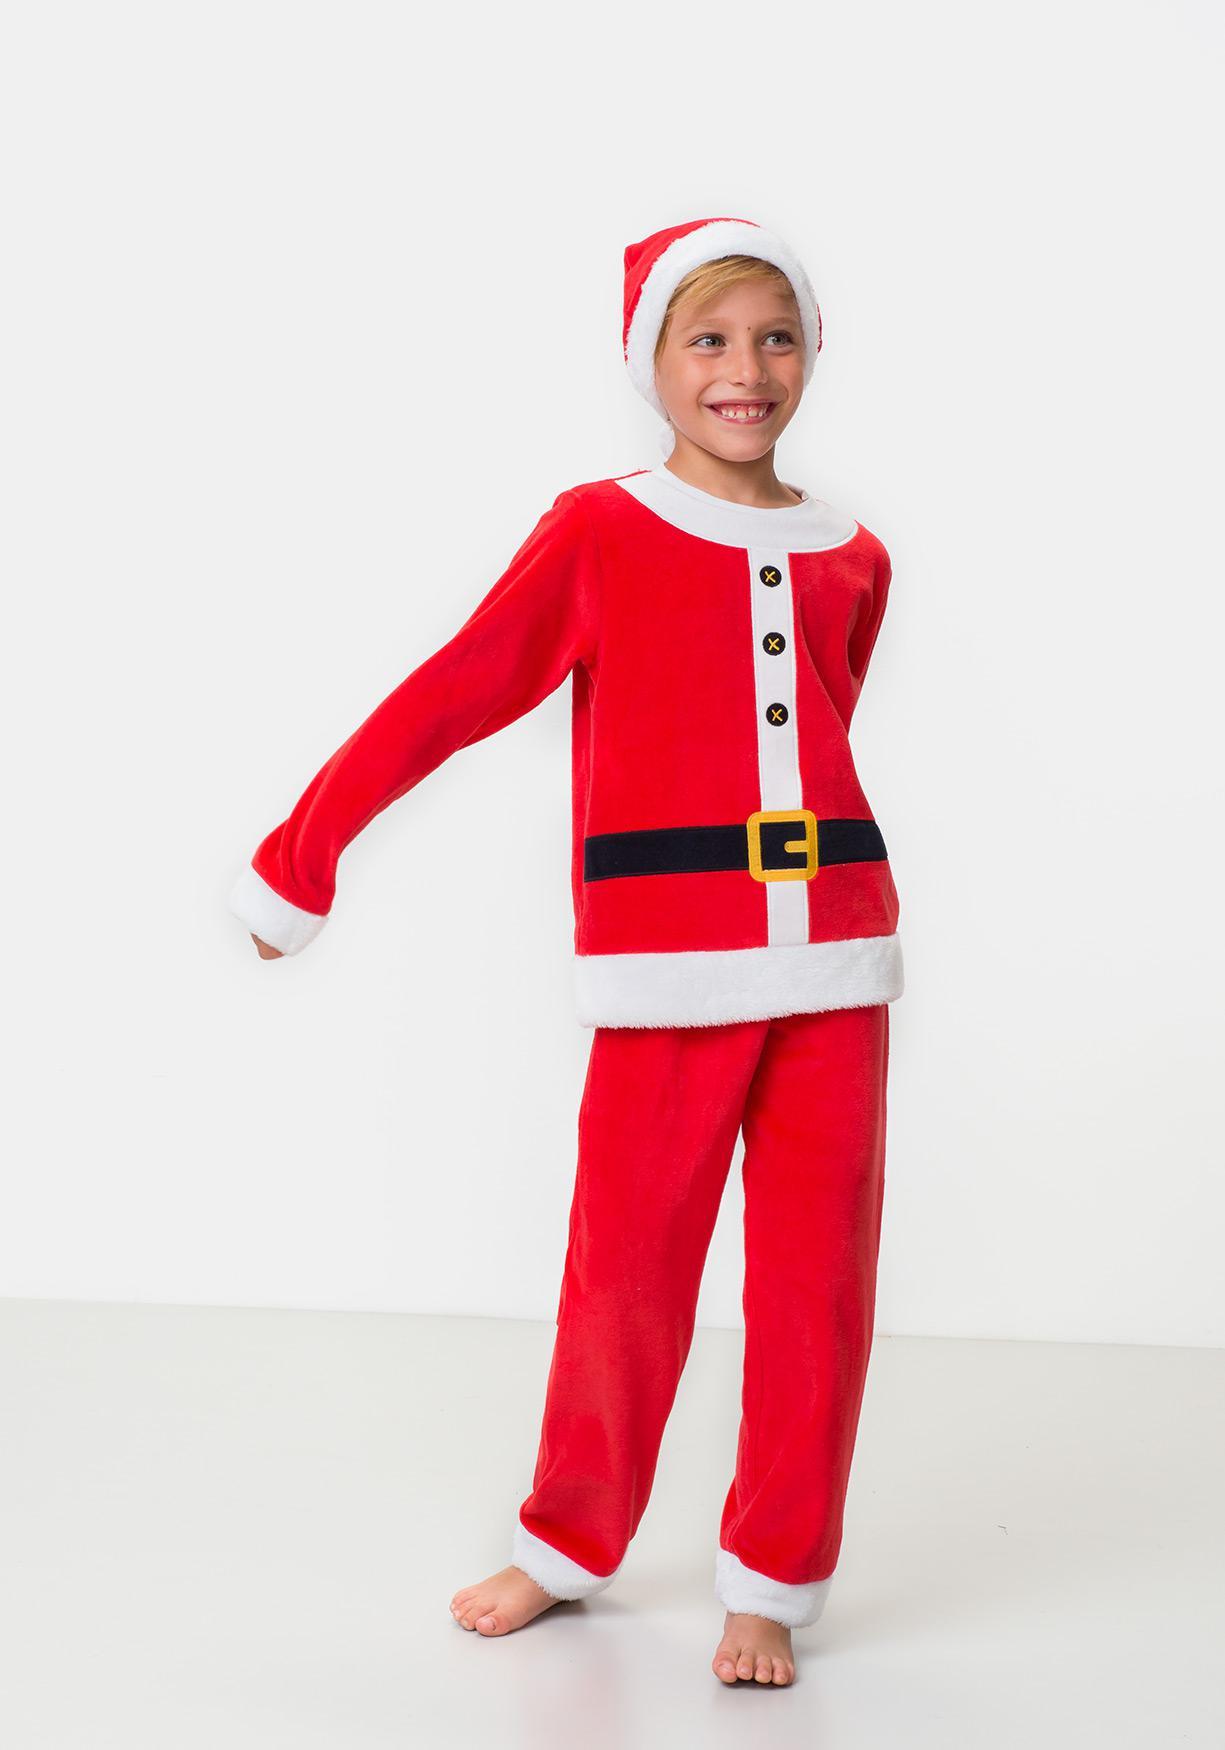 Comprar Pijama de Papá Noel con gorrito TEX. ¡Aprovéchate de ... 0af05afa6f14